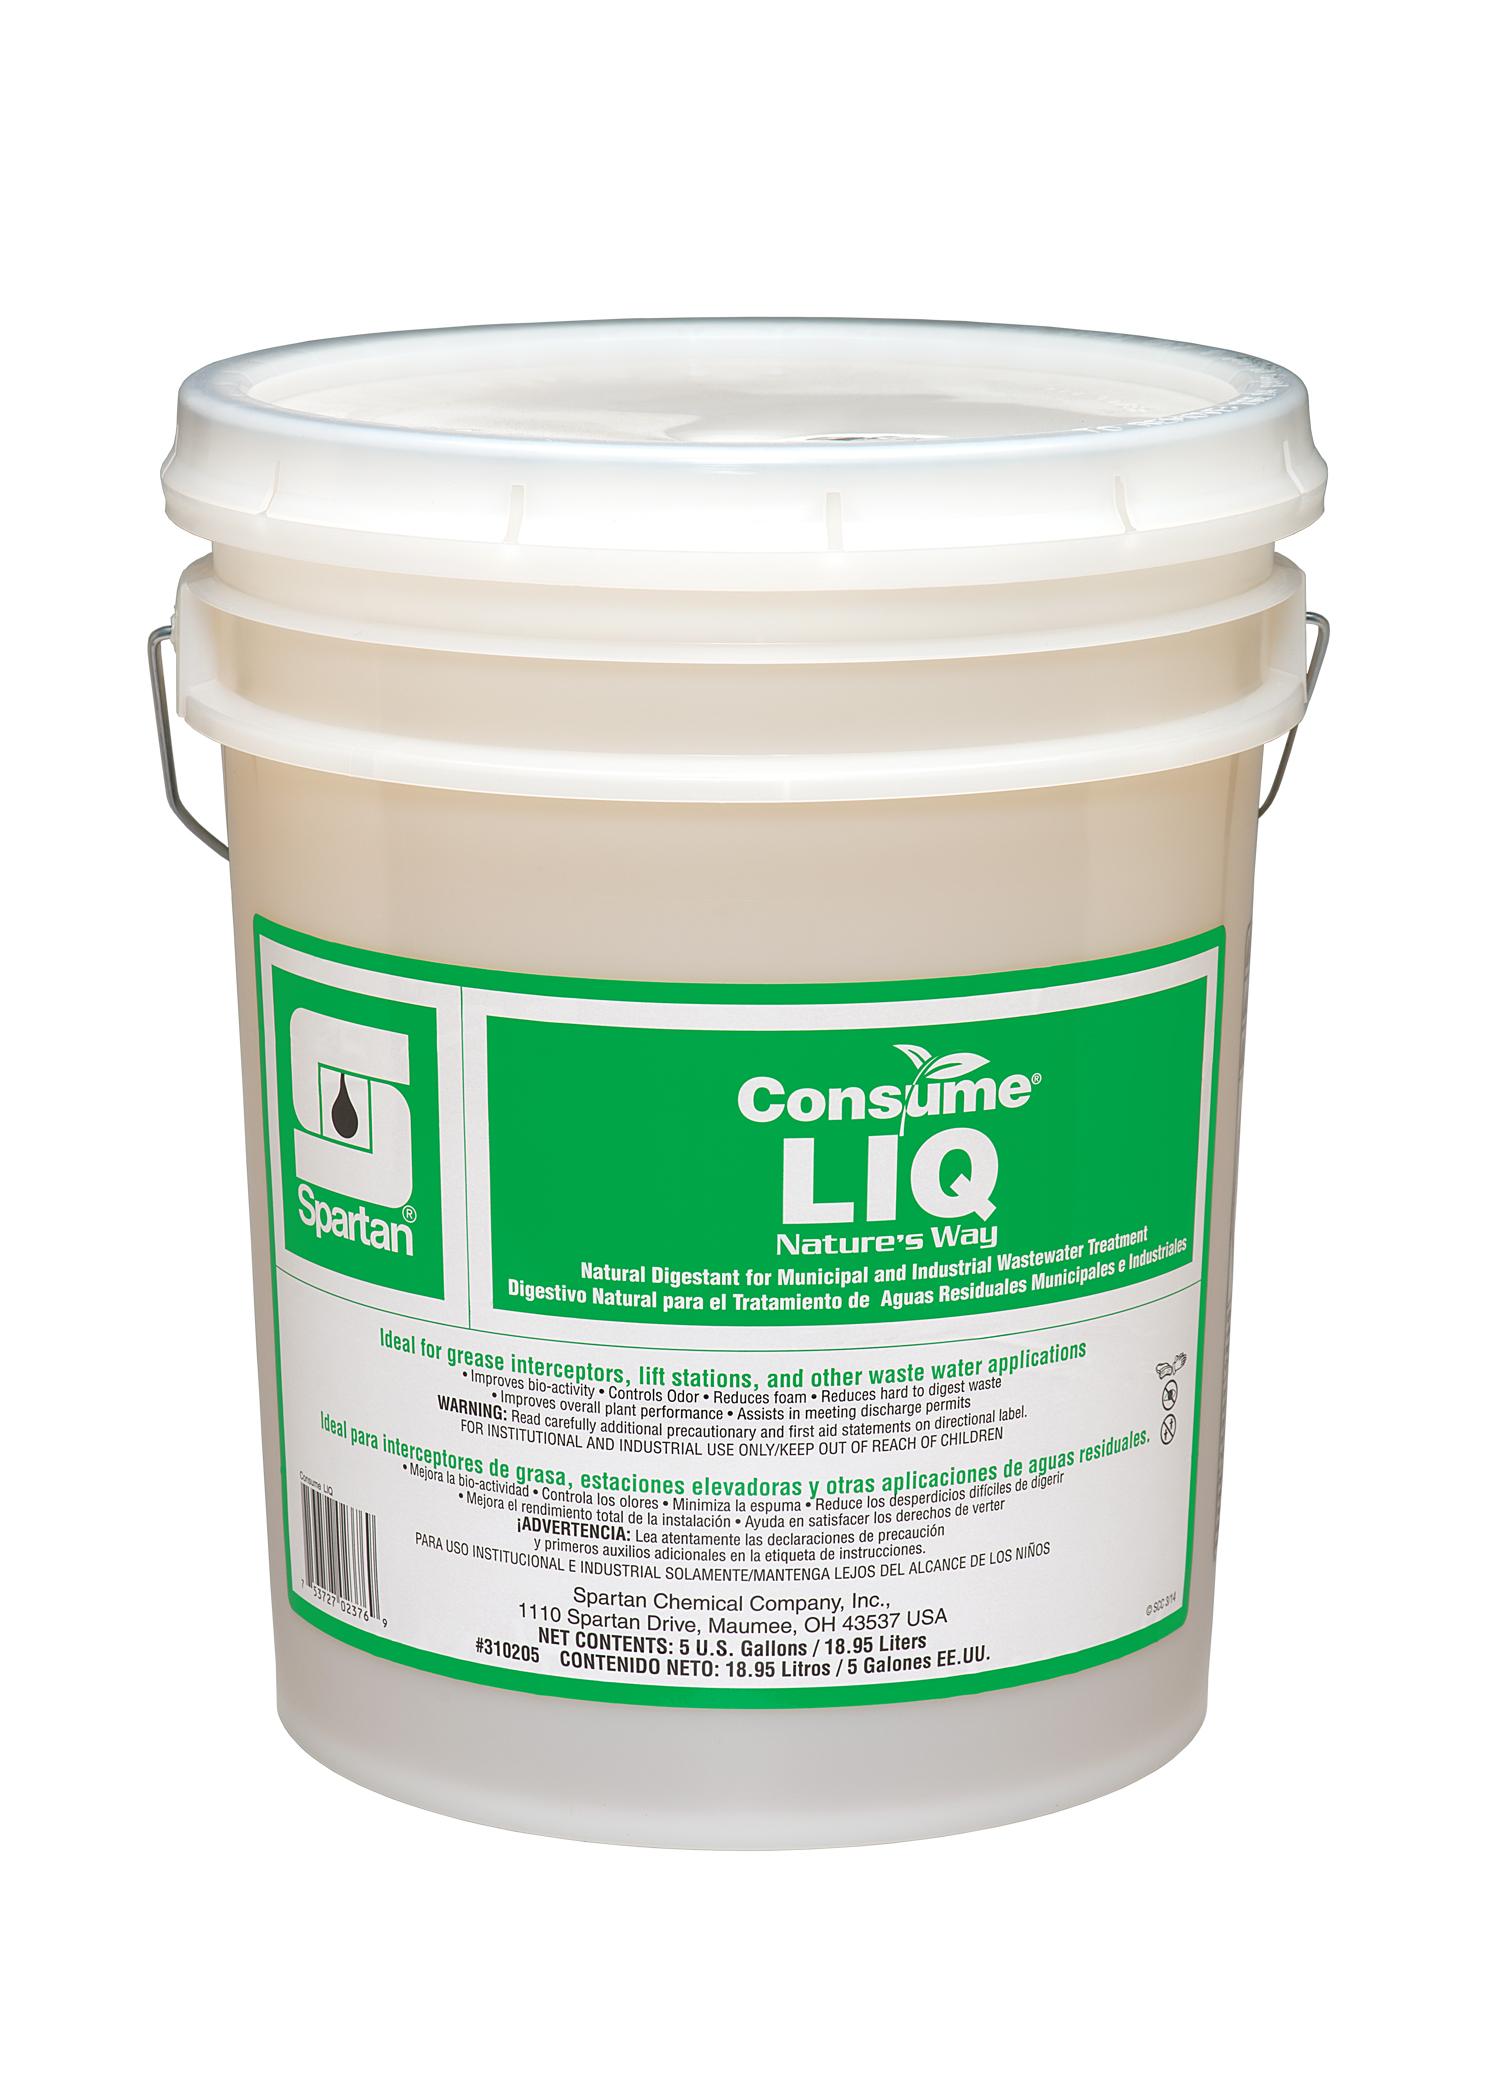 310205- Consume L.I.Q.|PL